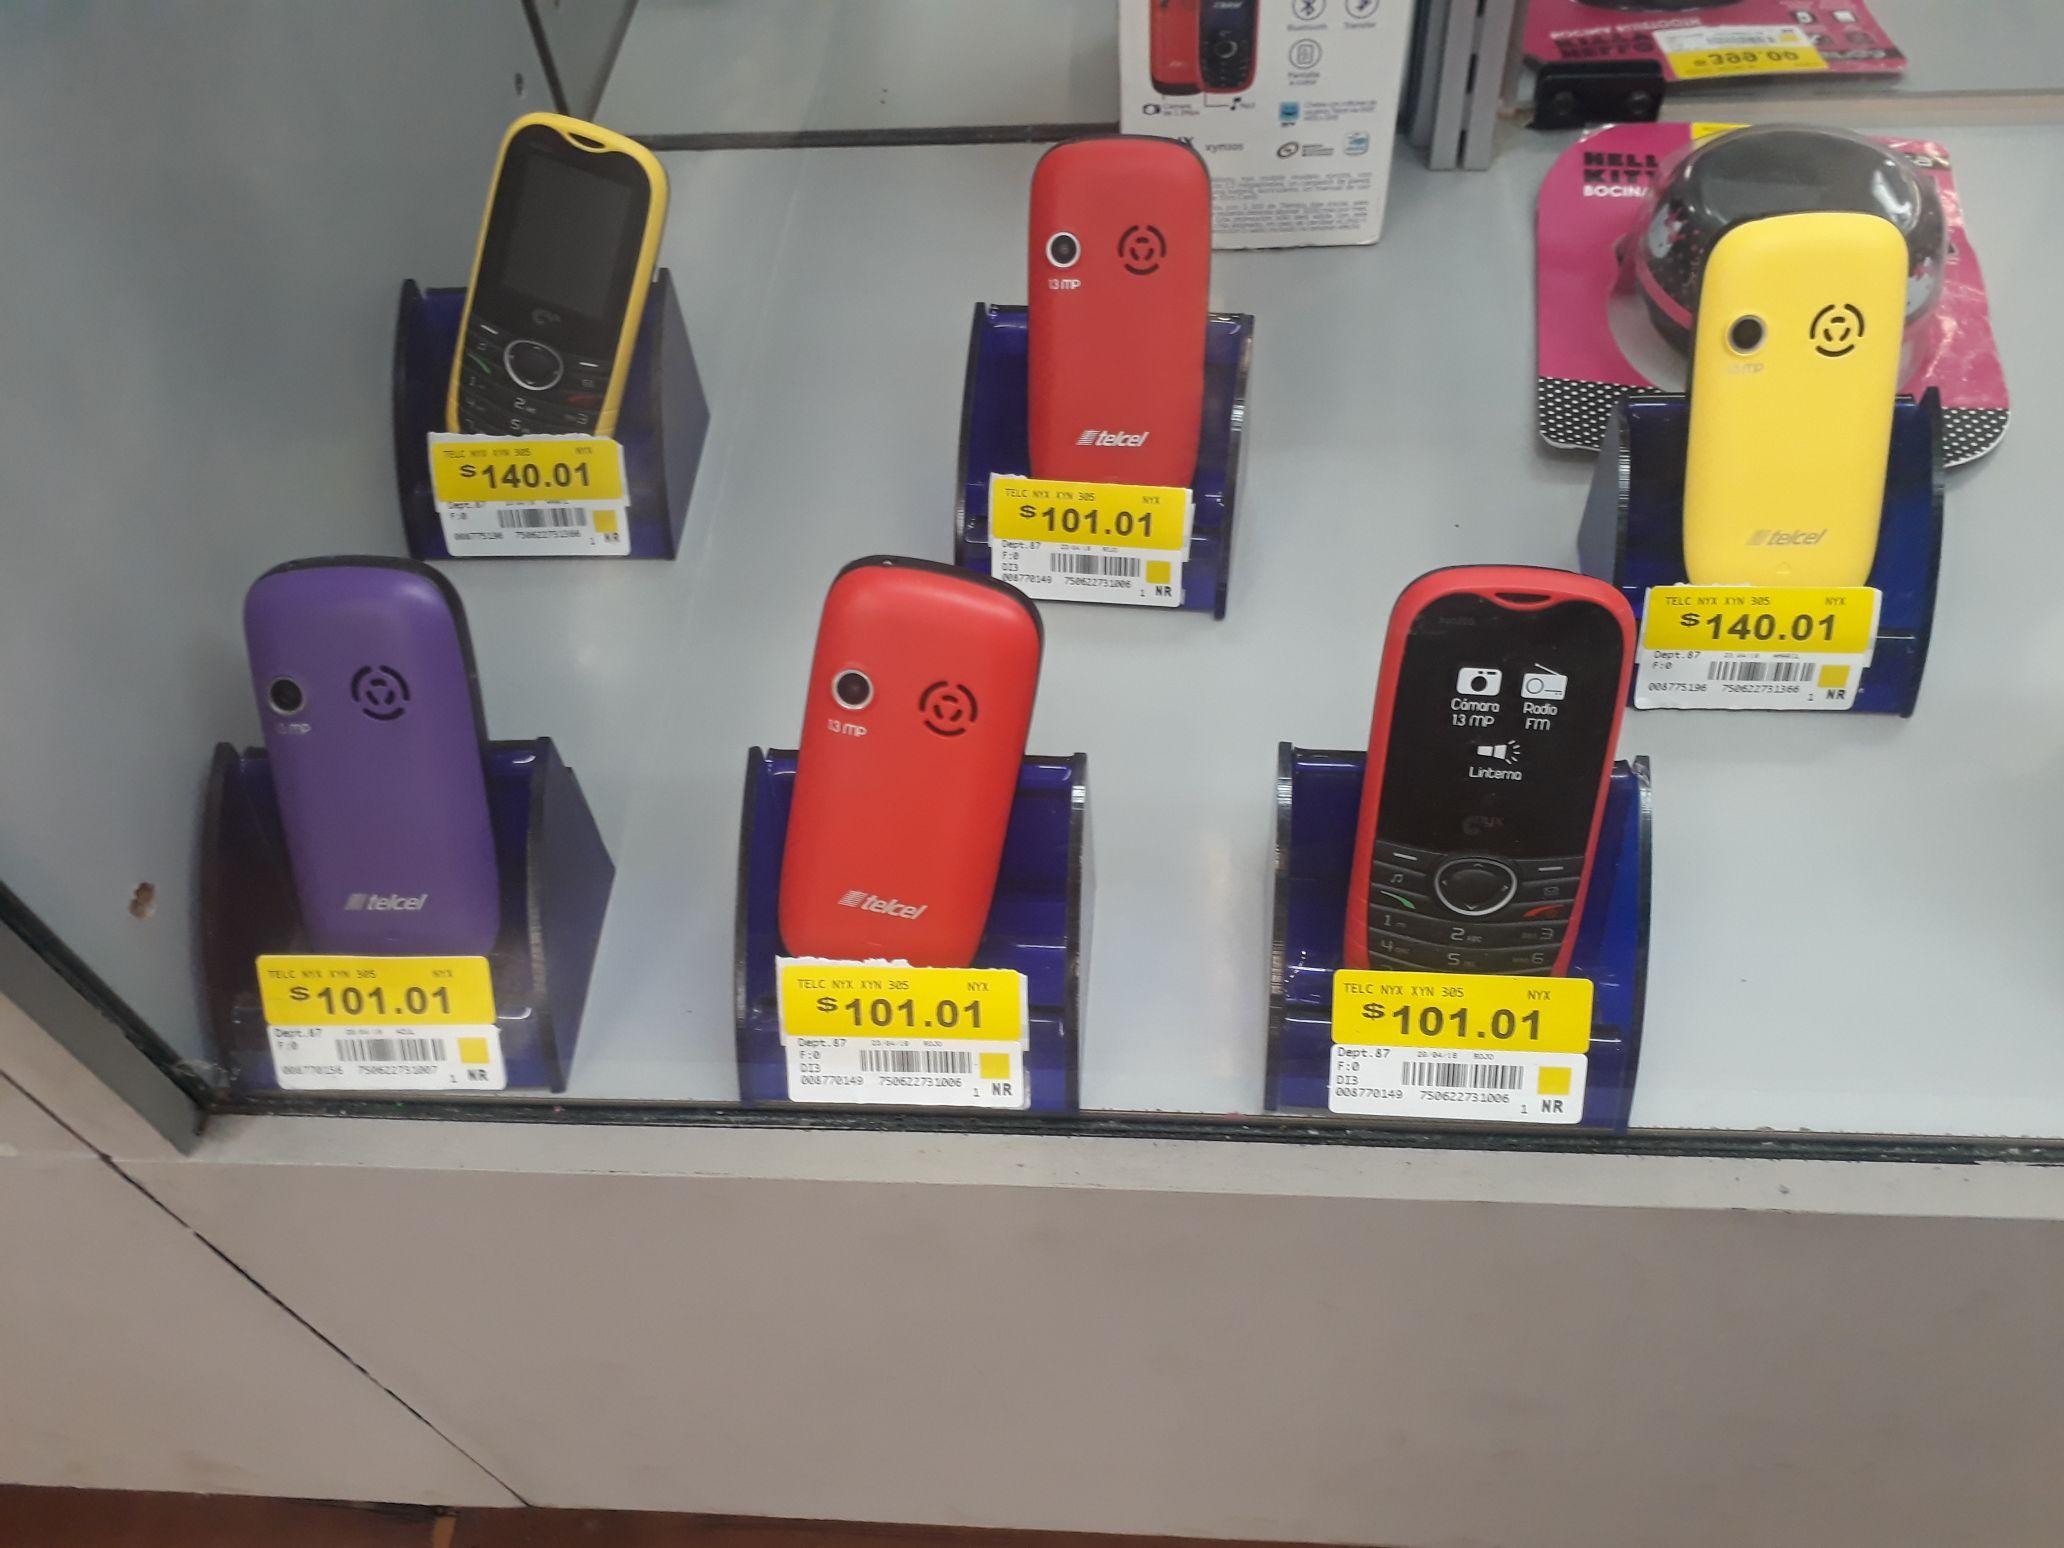 Walmar: celulares básicos en liquidación a $101.01 y $140.01